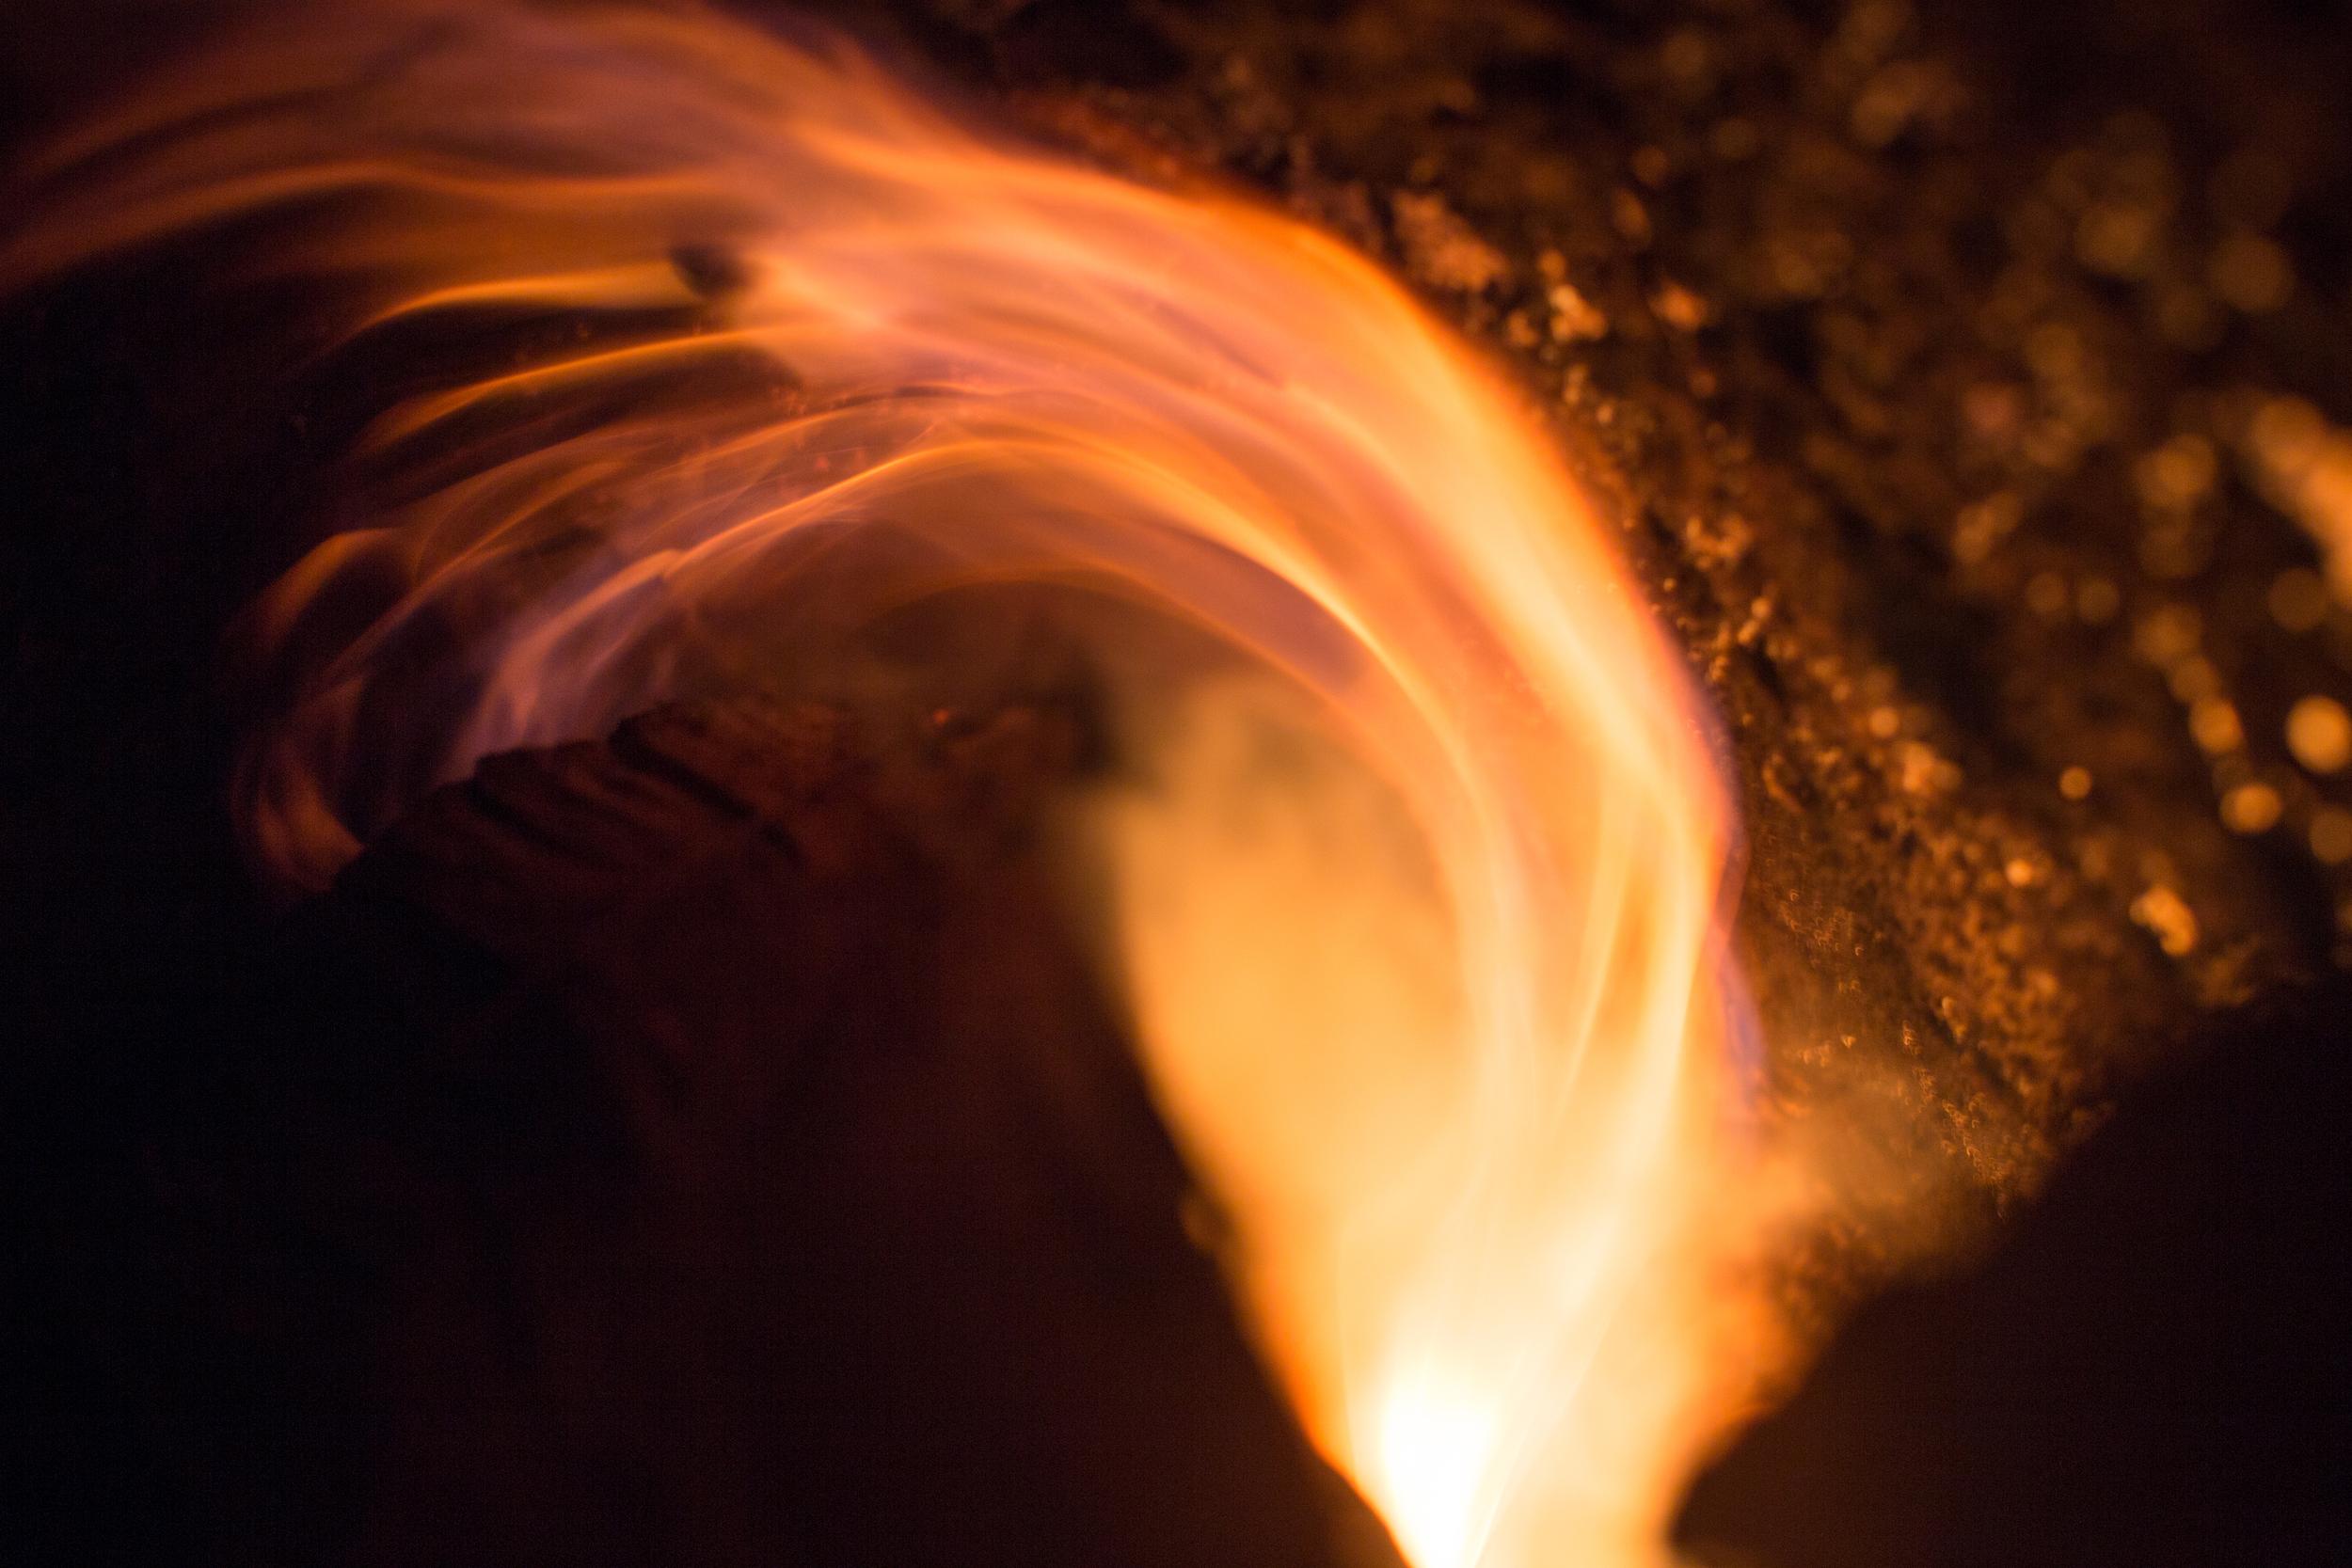 61 // 365 Endless. Winter. Endless. Wood. Burning.